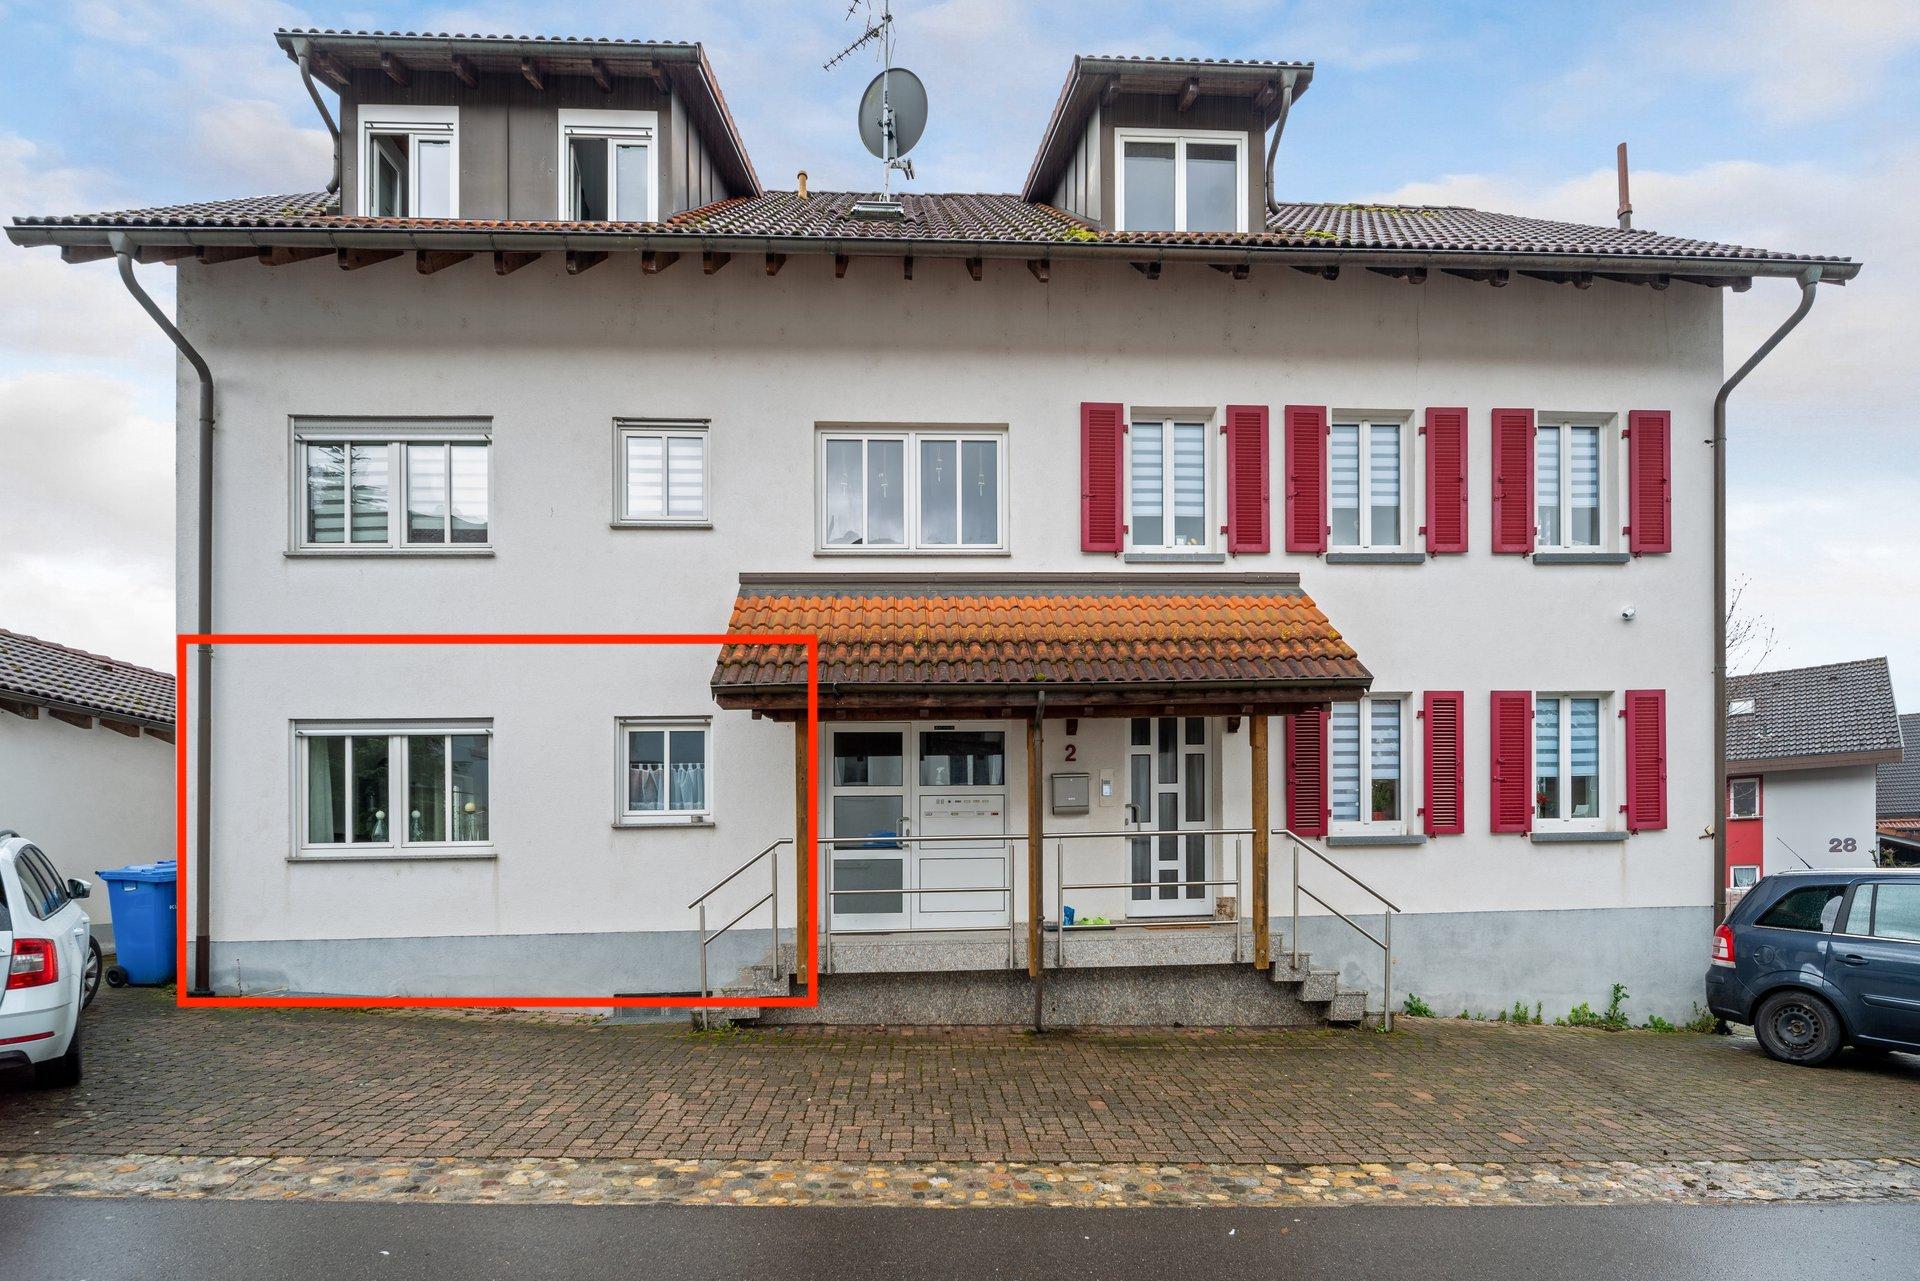 Toplage! Schöne 2,5 Zi. Erdgeschosswohnung m. EBK und Stellplatz im Dorfkern Rheinfelden-Nollingen